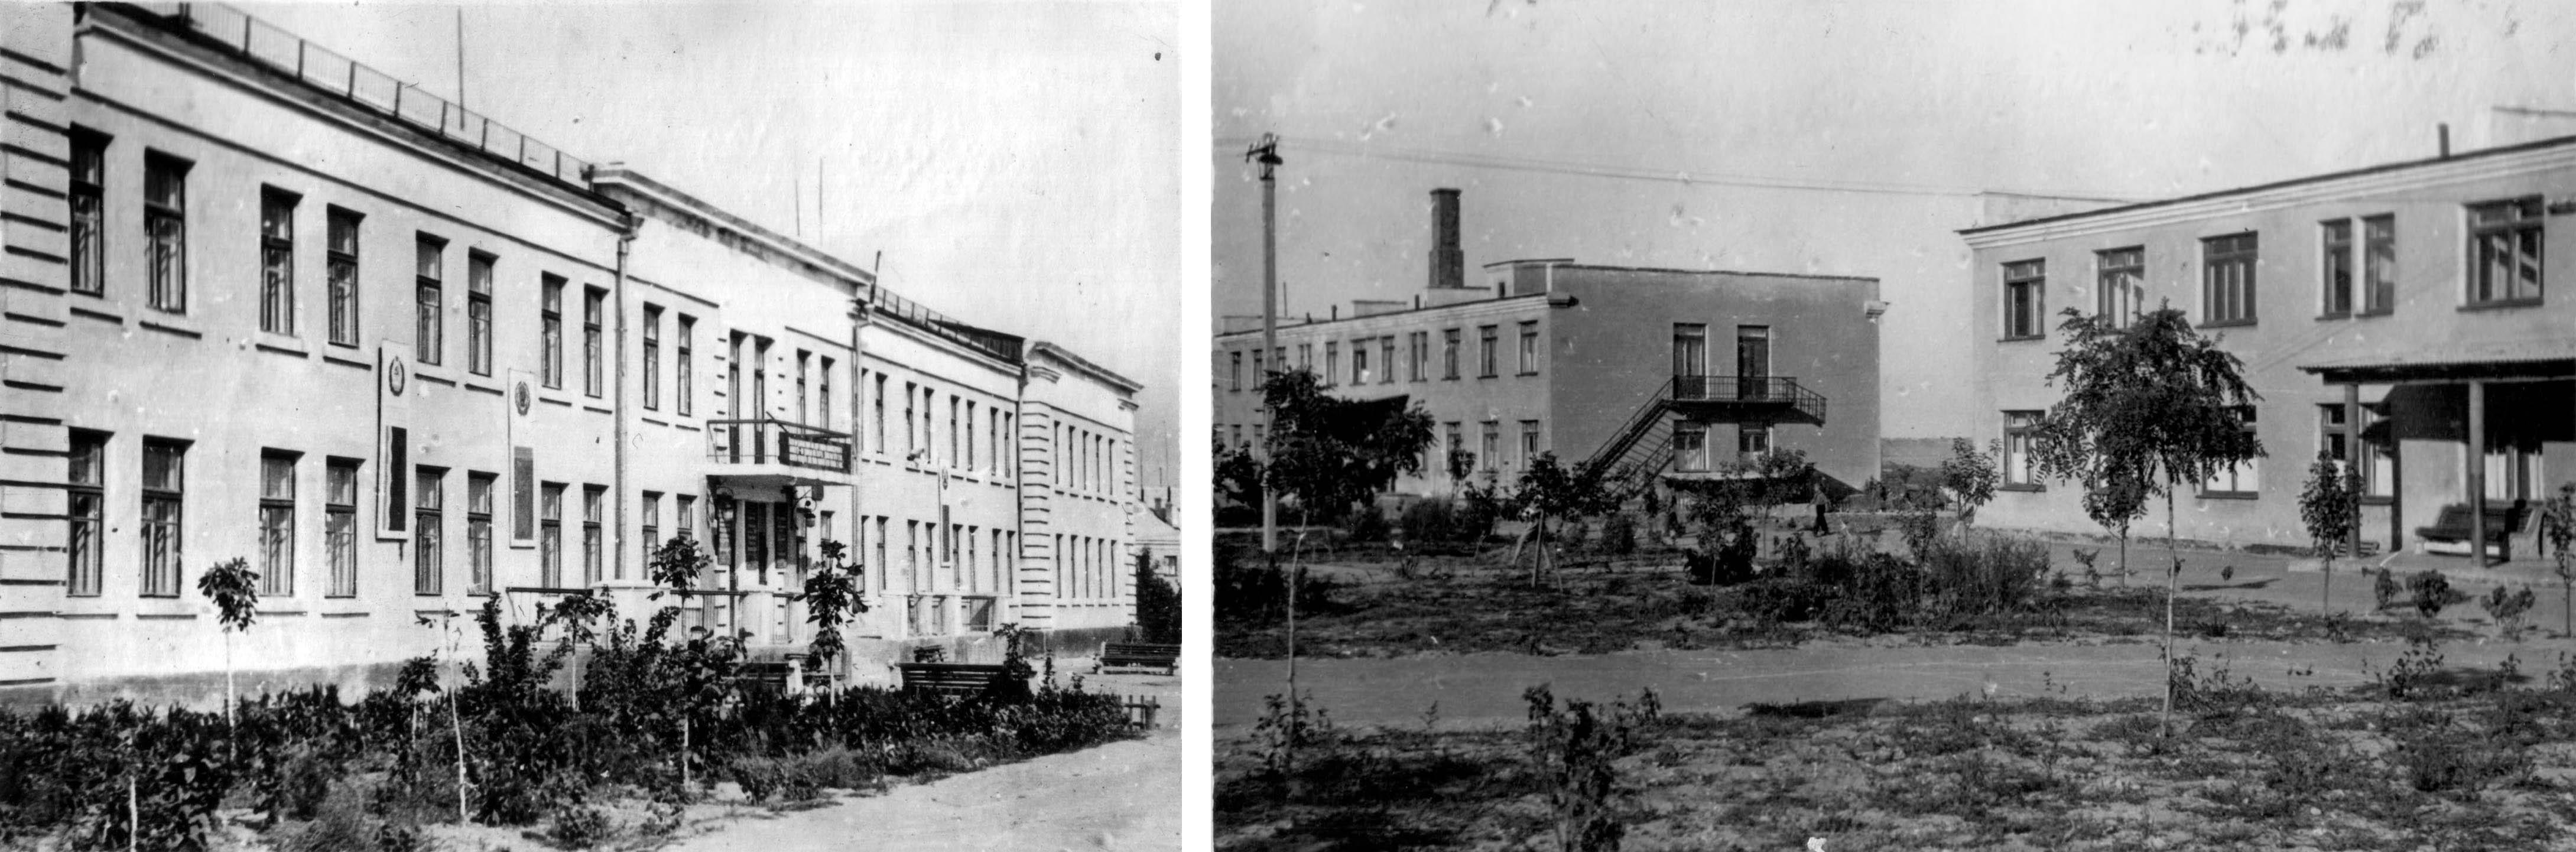 Очаковская школа-интернат